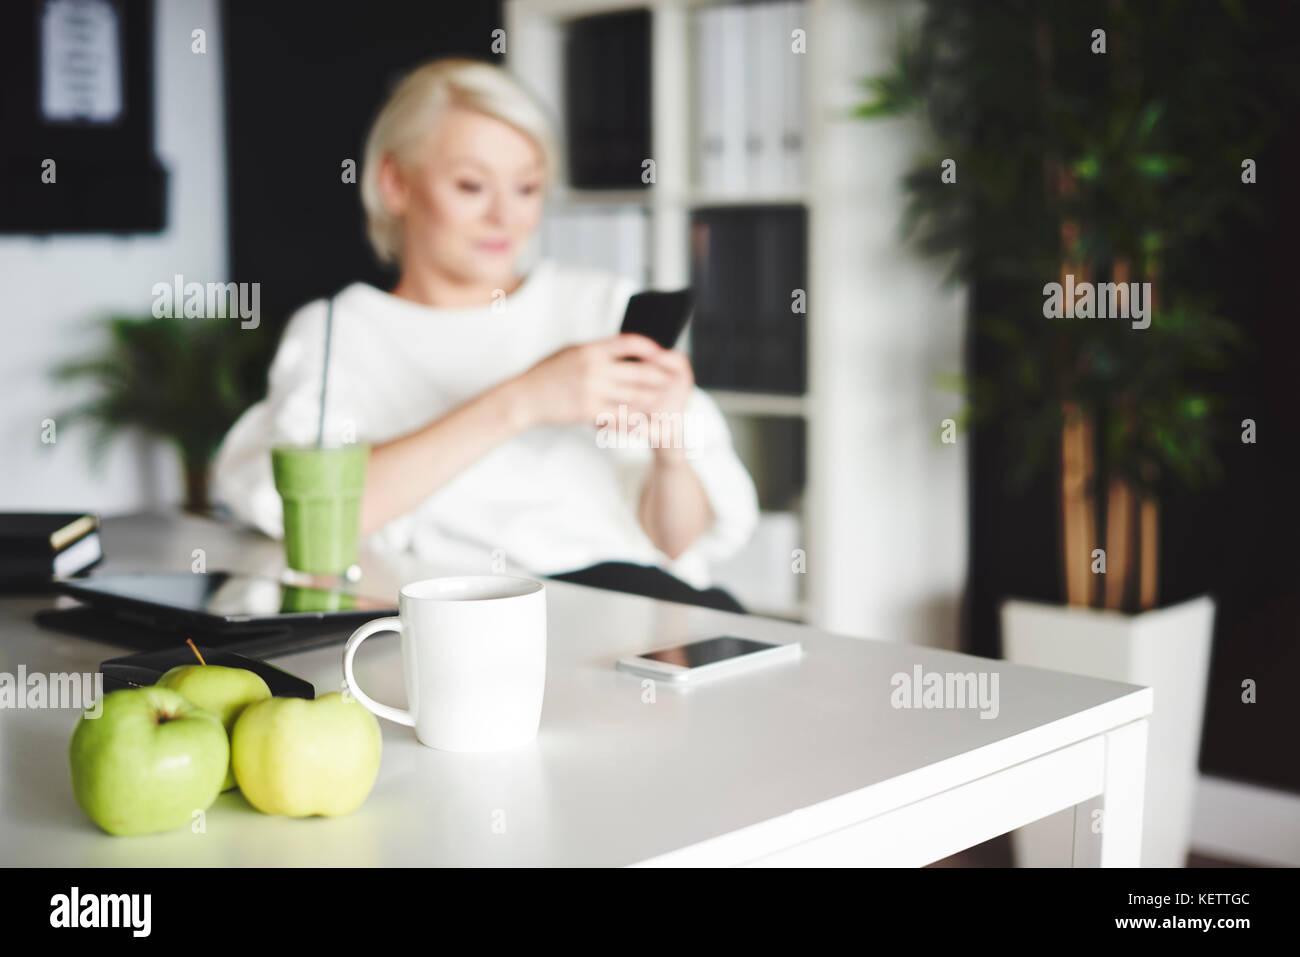 Mujer con fuzzy teléfonomóvil sentados frente al escritorio Imagen De Stock